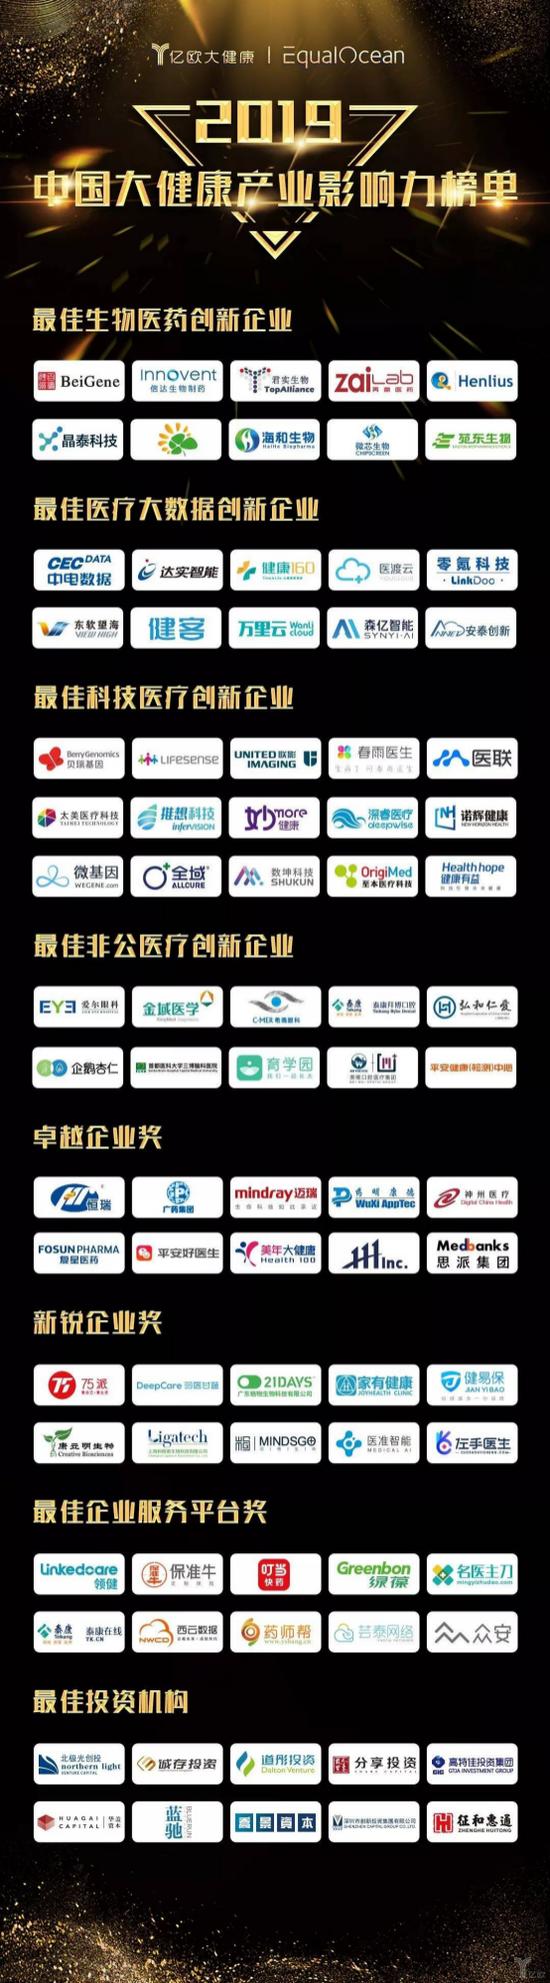 2019年中国大健康产业影响力